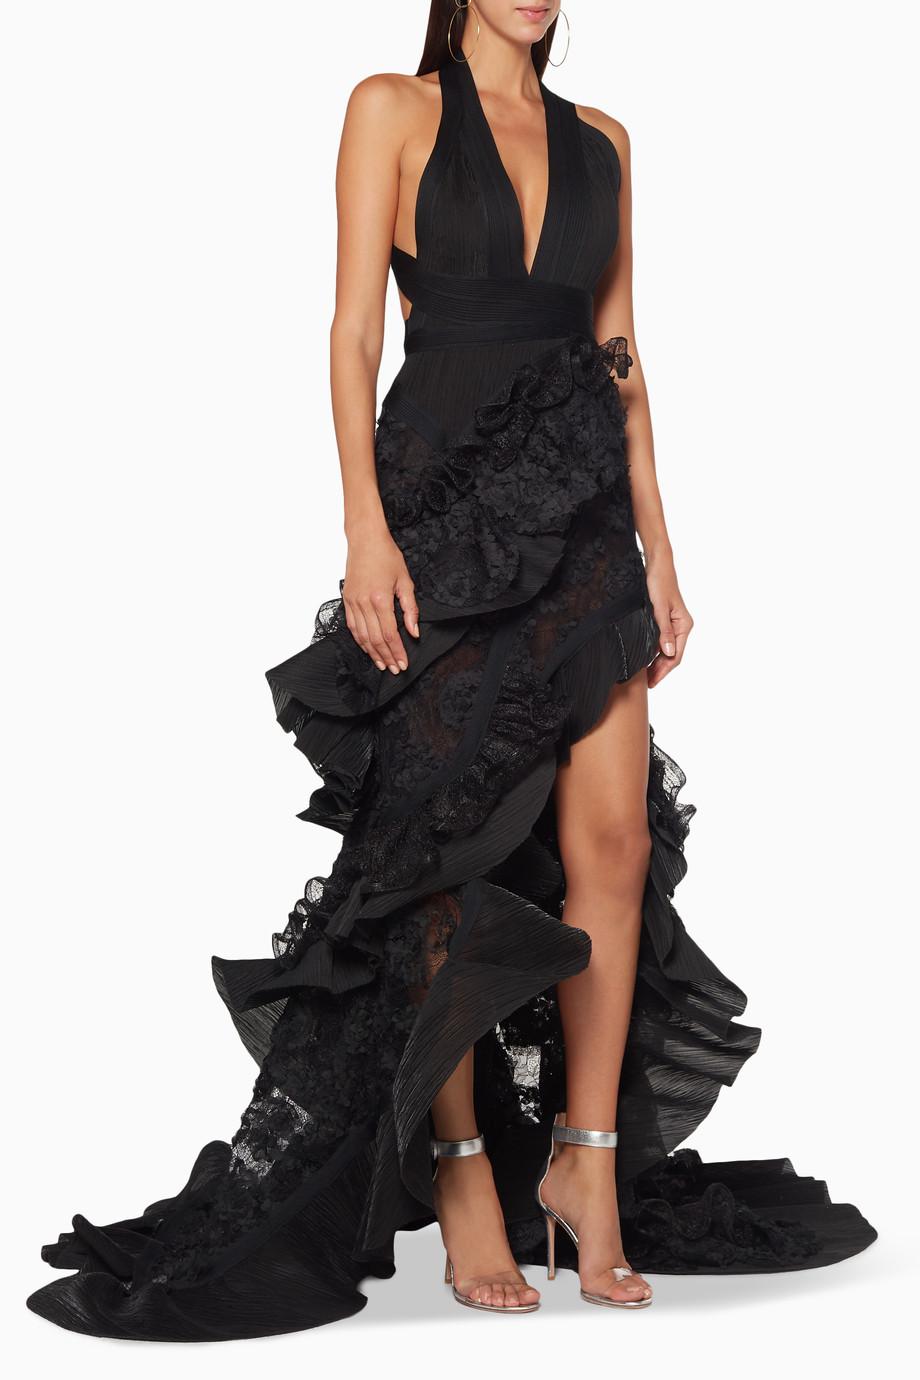 7f1866423045a تسوق فستان سهرة مانتيلا دانتيل أسود Matičevski أسود لل